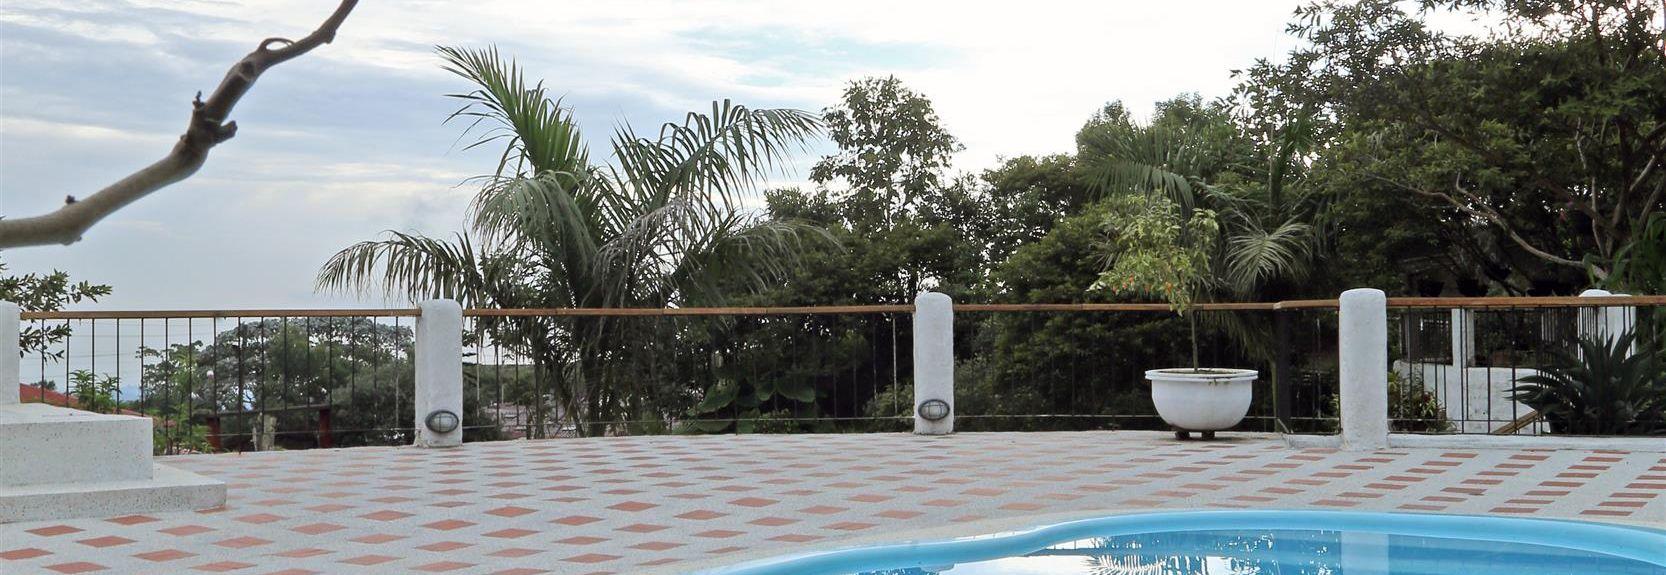 Santa Rosa de Cabal, Département de Risaralda, Colombie